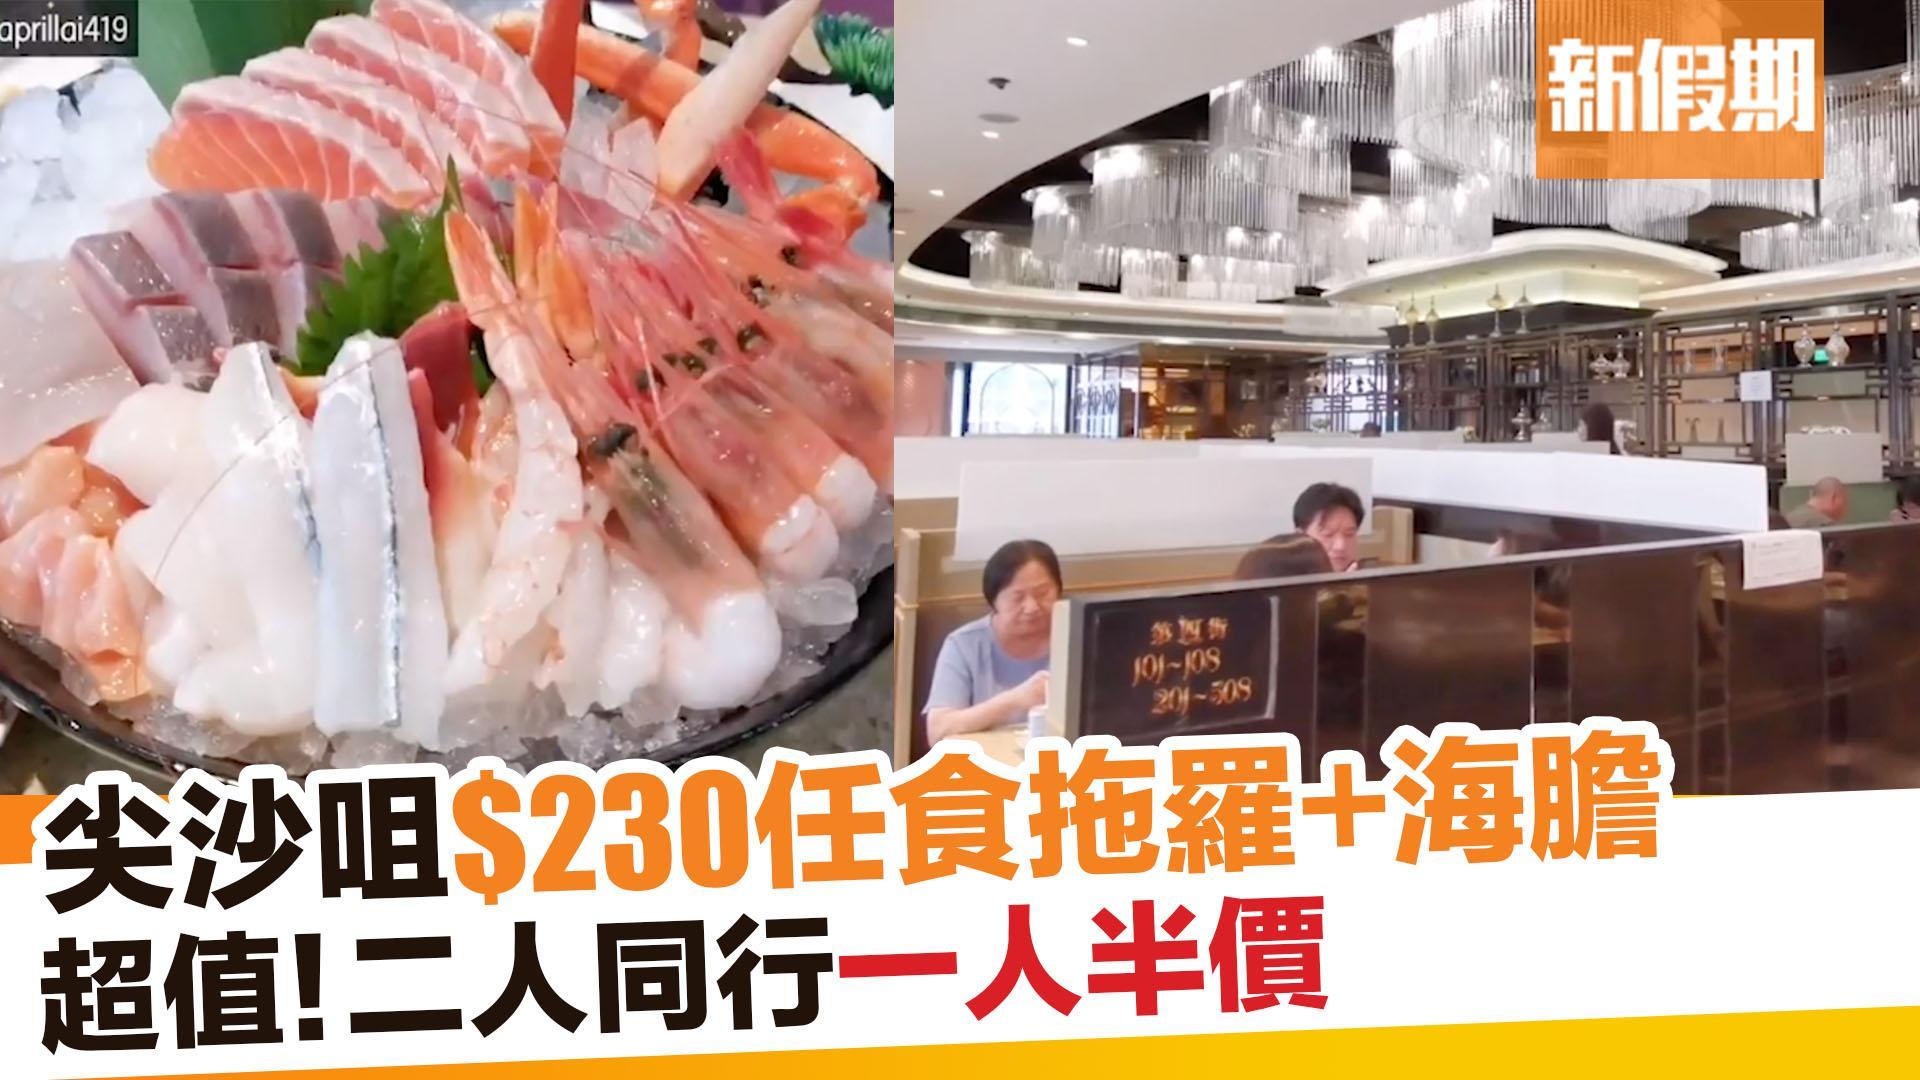 【自助餐放蛇】尖沙咀殿大喜屋日式放題 $230任食拖羅+海膽+鮑魚|新假期